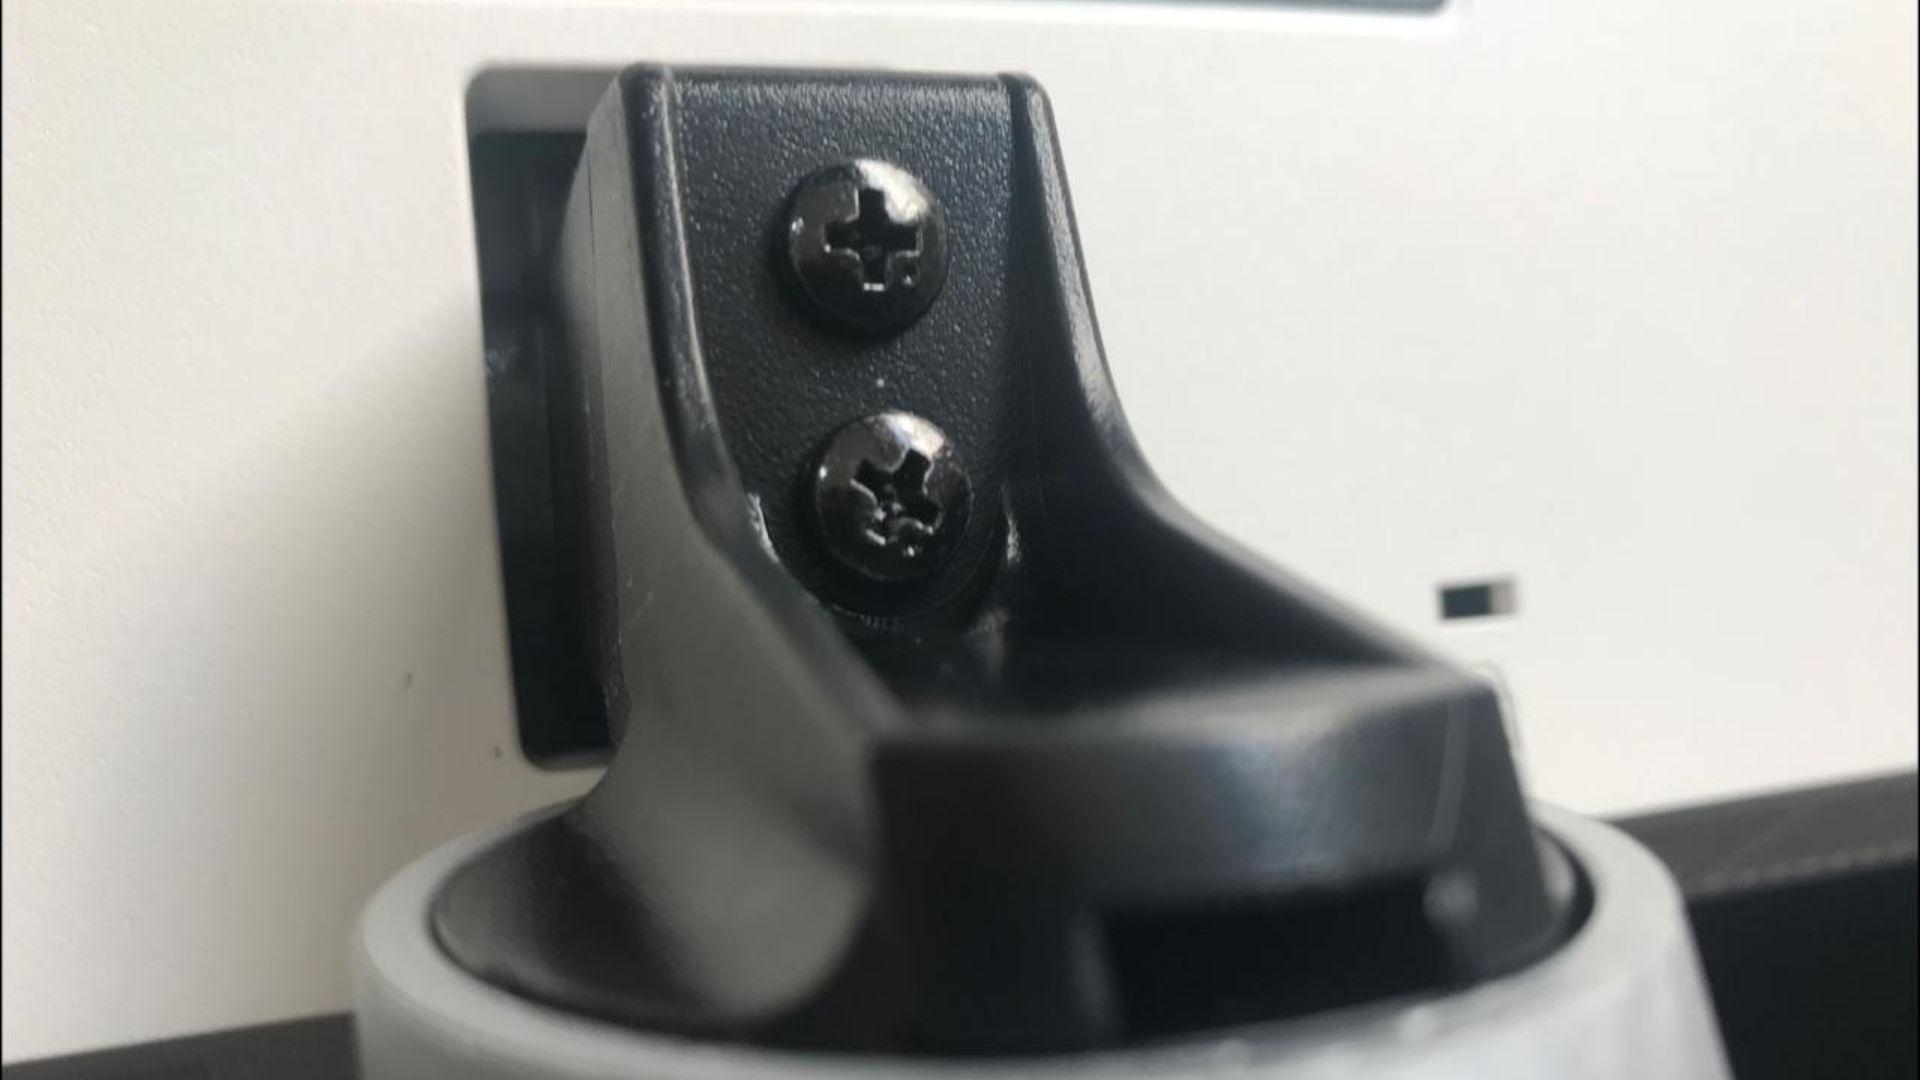 Depois de retirada a tampa, basta conectar o suporte à base com os dois parafusos que vêm com o produto (Foto: Guilherme Toscano)